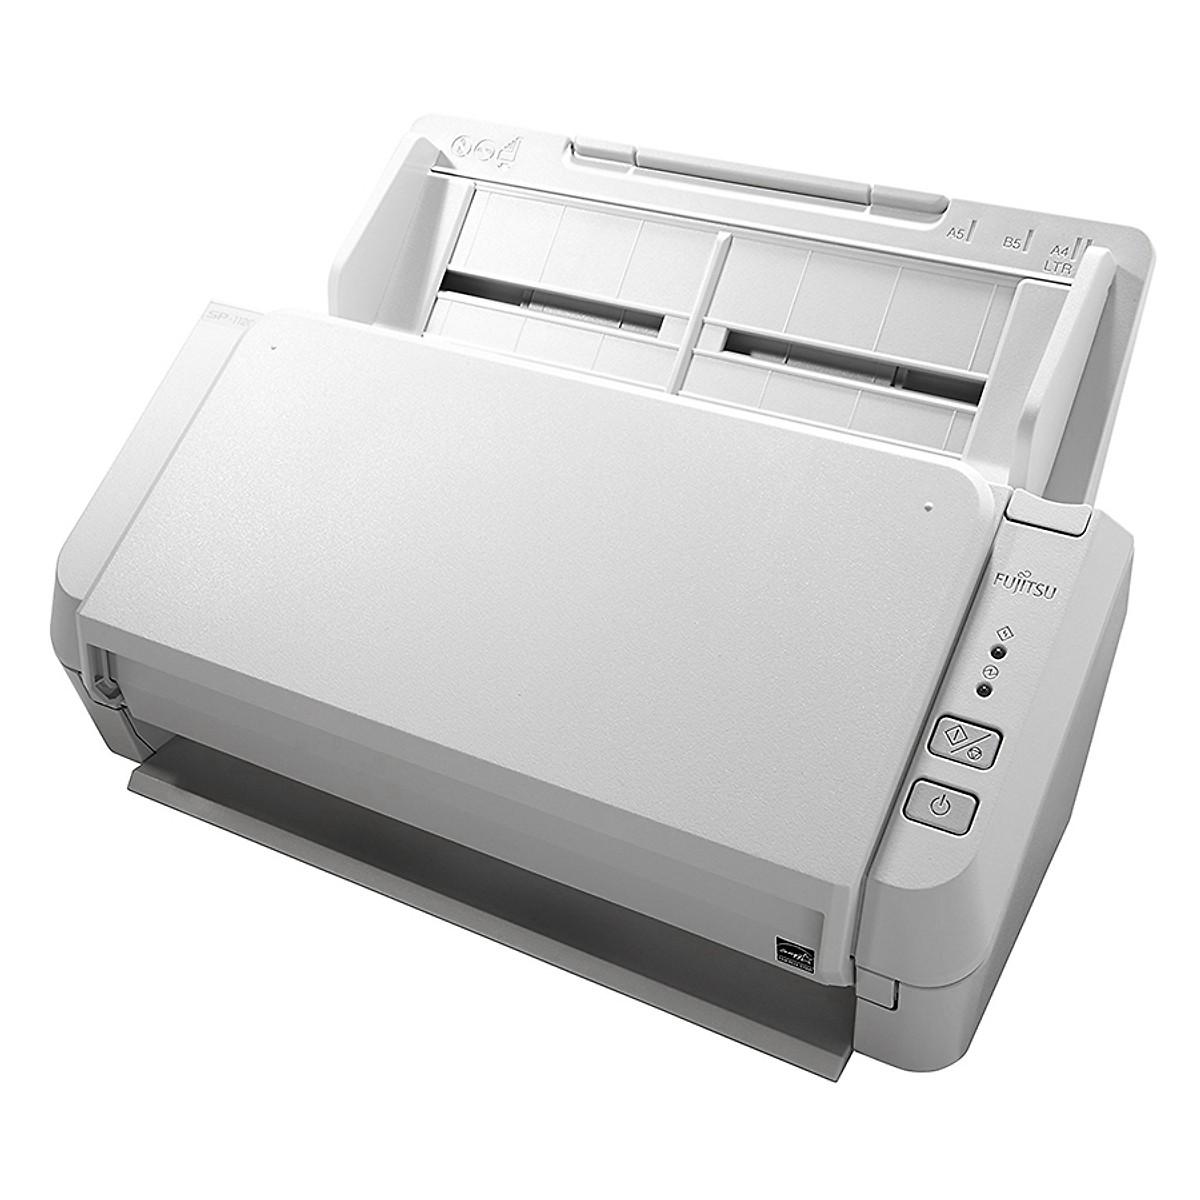 Máy quét tài liệu Fujisu SP1120 - hàng chính hãng